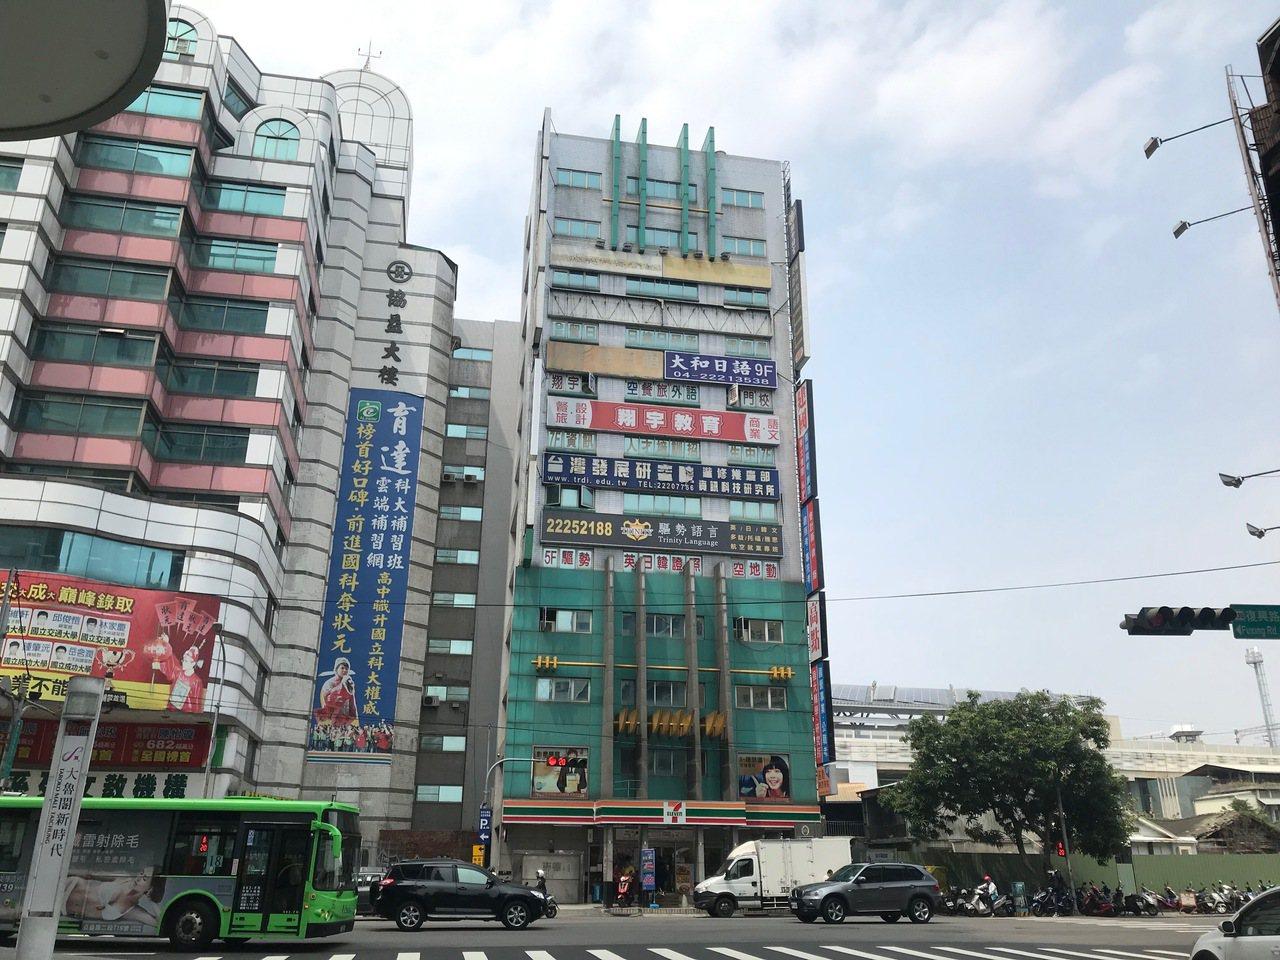 台中東區大智路打通「卡關」多年,市府近日已完成建物協議價購,等土地徵收報請內政部...